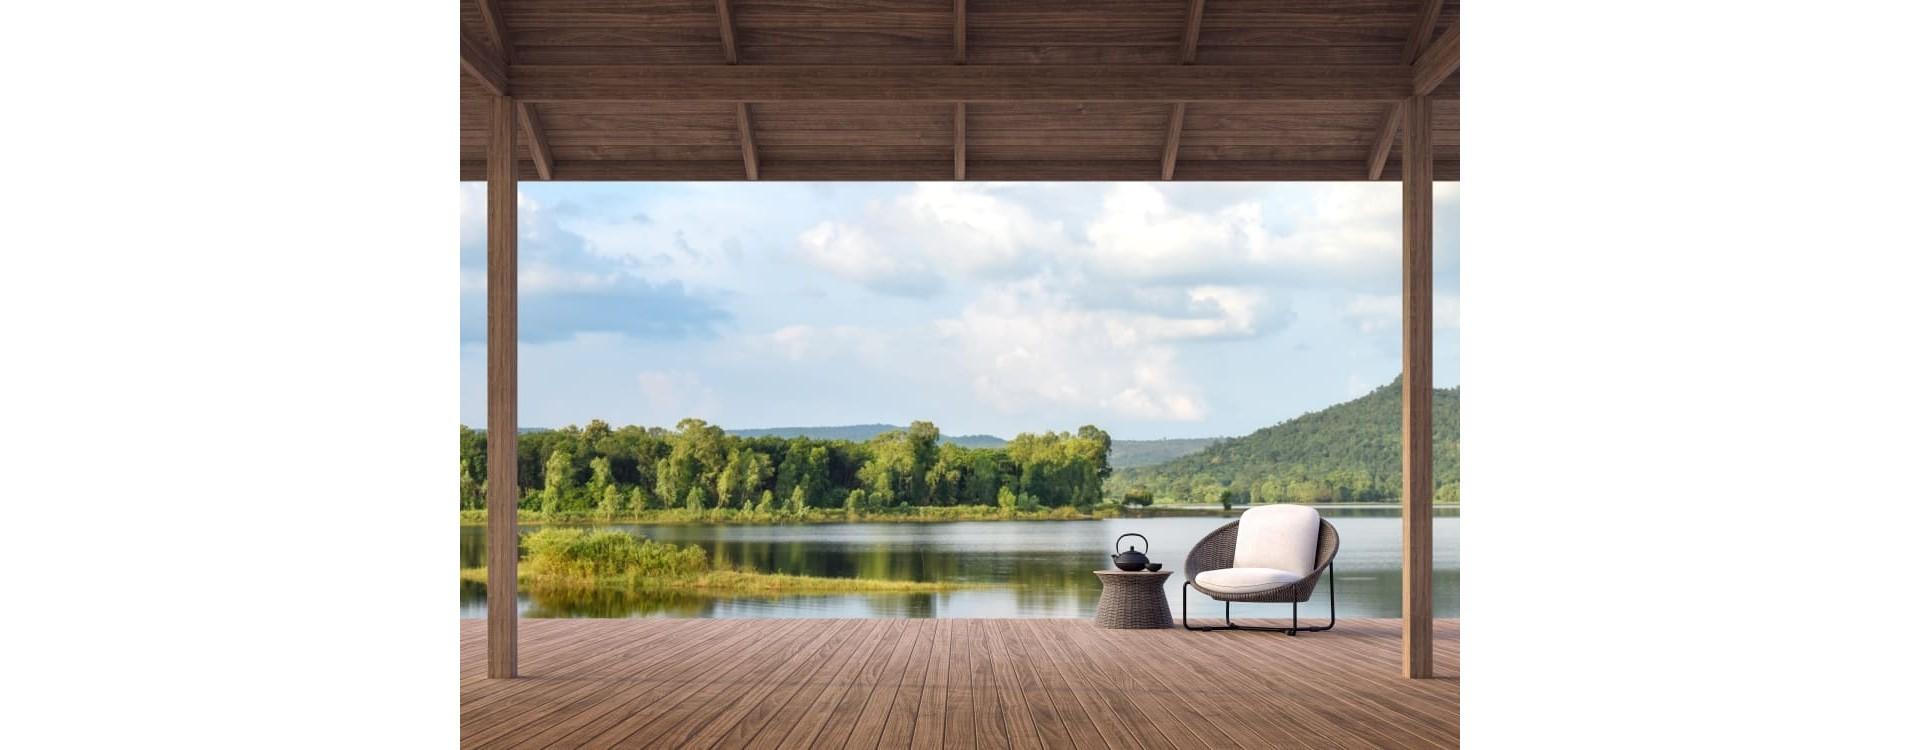 Come costruire una tettoia in legno: consigli pratici